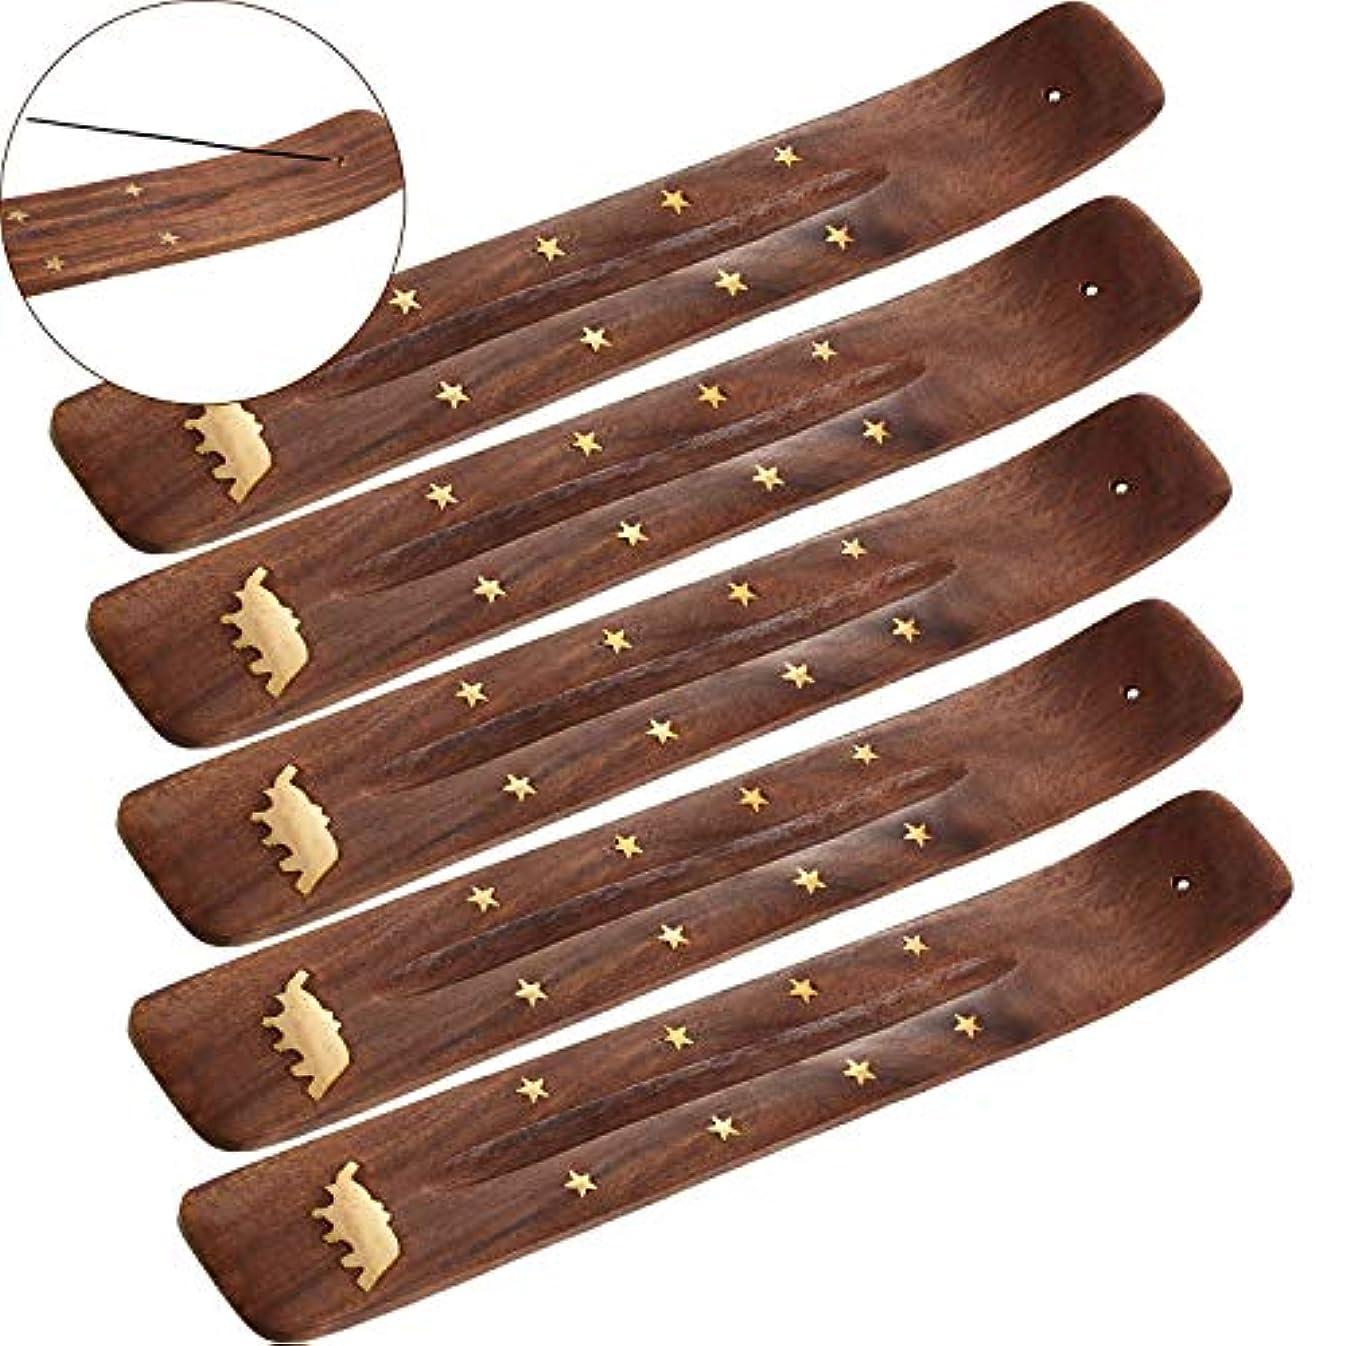 かる支払い小道Boao お香立て 5本セット 灰受け 9.06インチの長さ ブラウン Boao-Bamboo Incense Holder-01